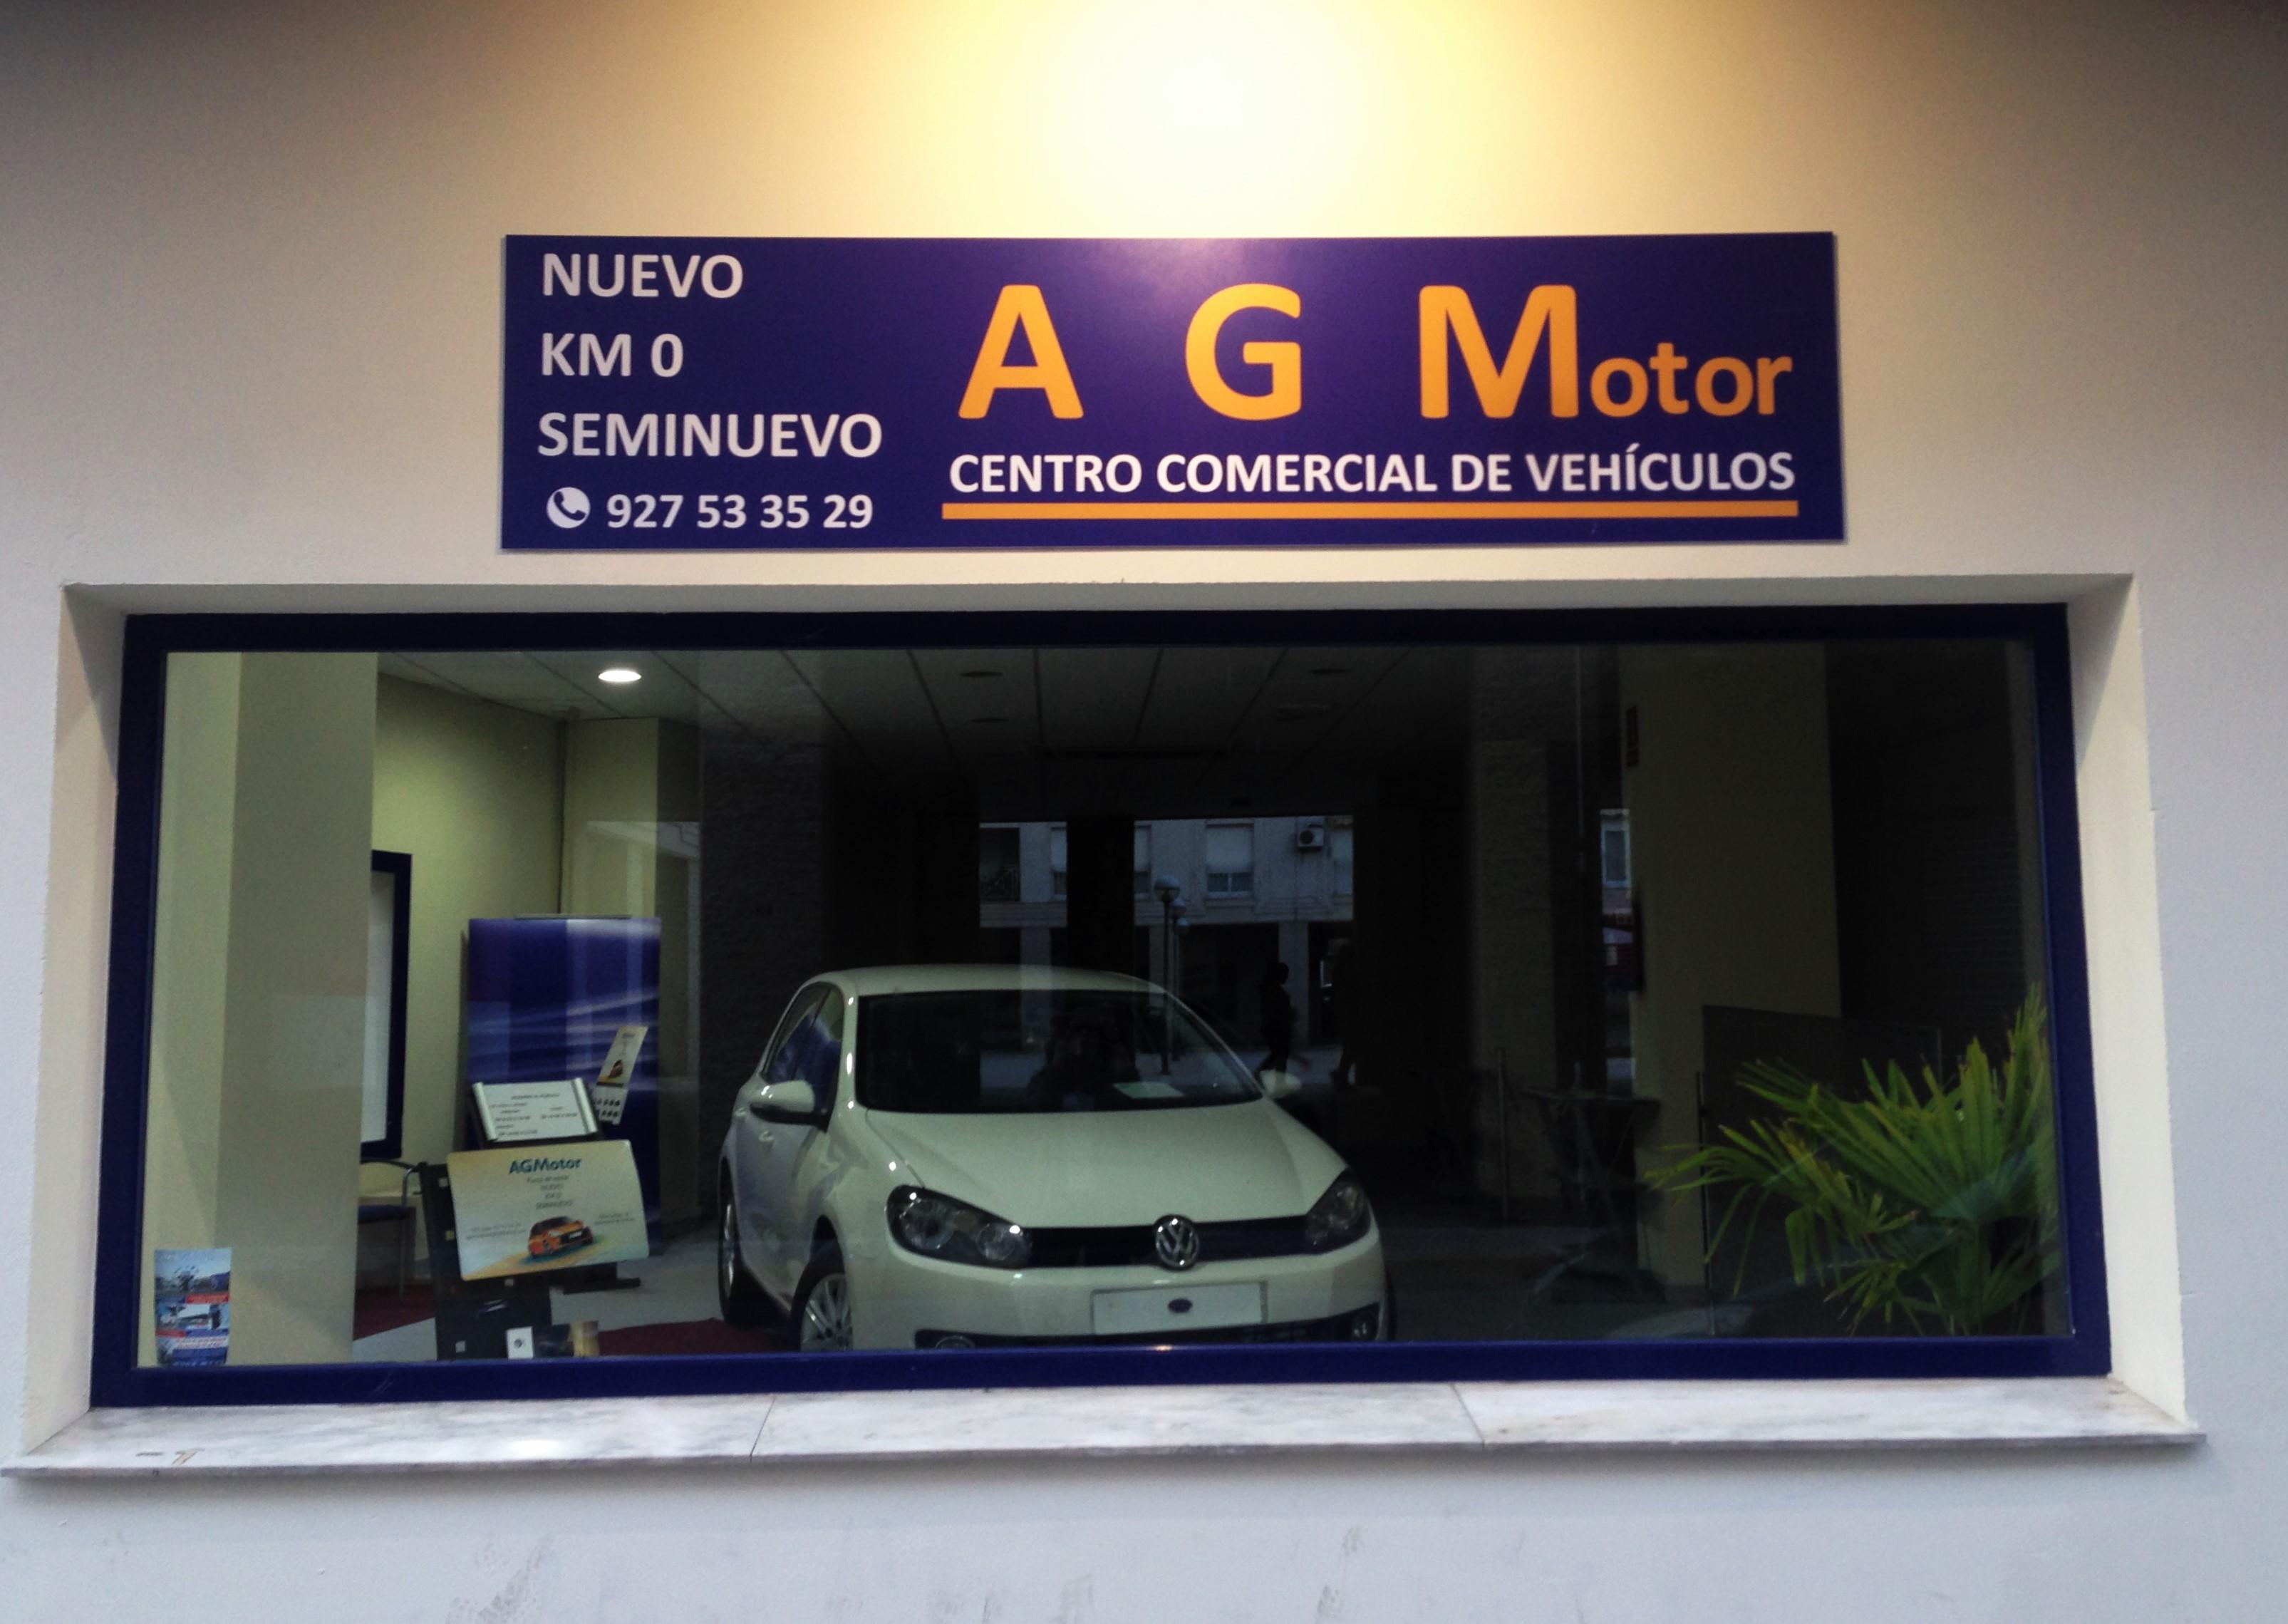 AGM Motor